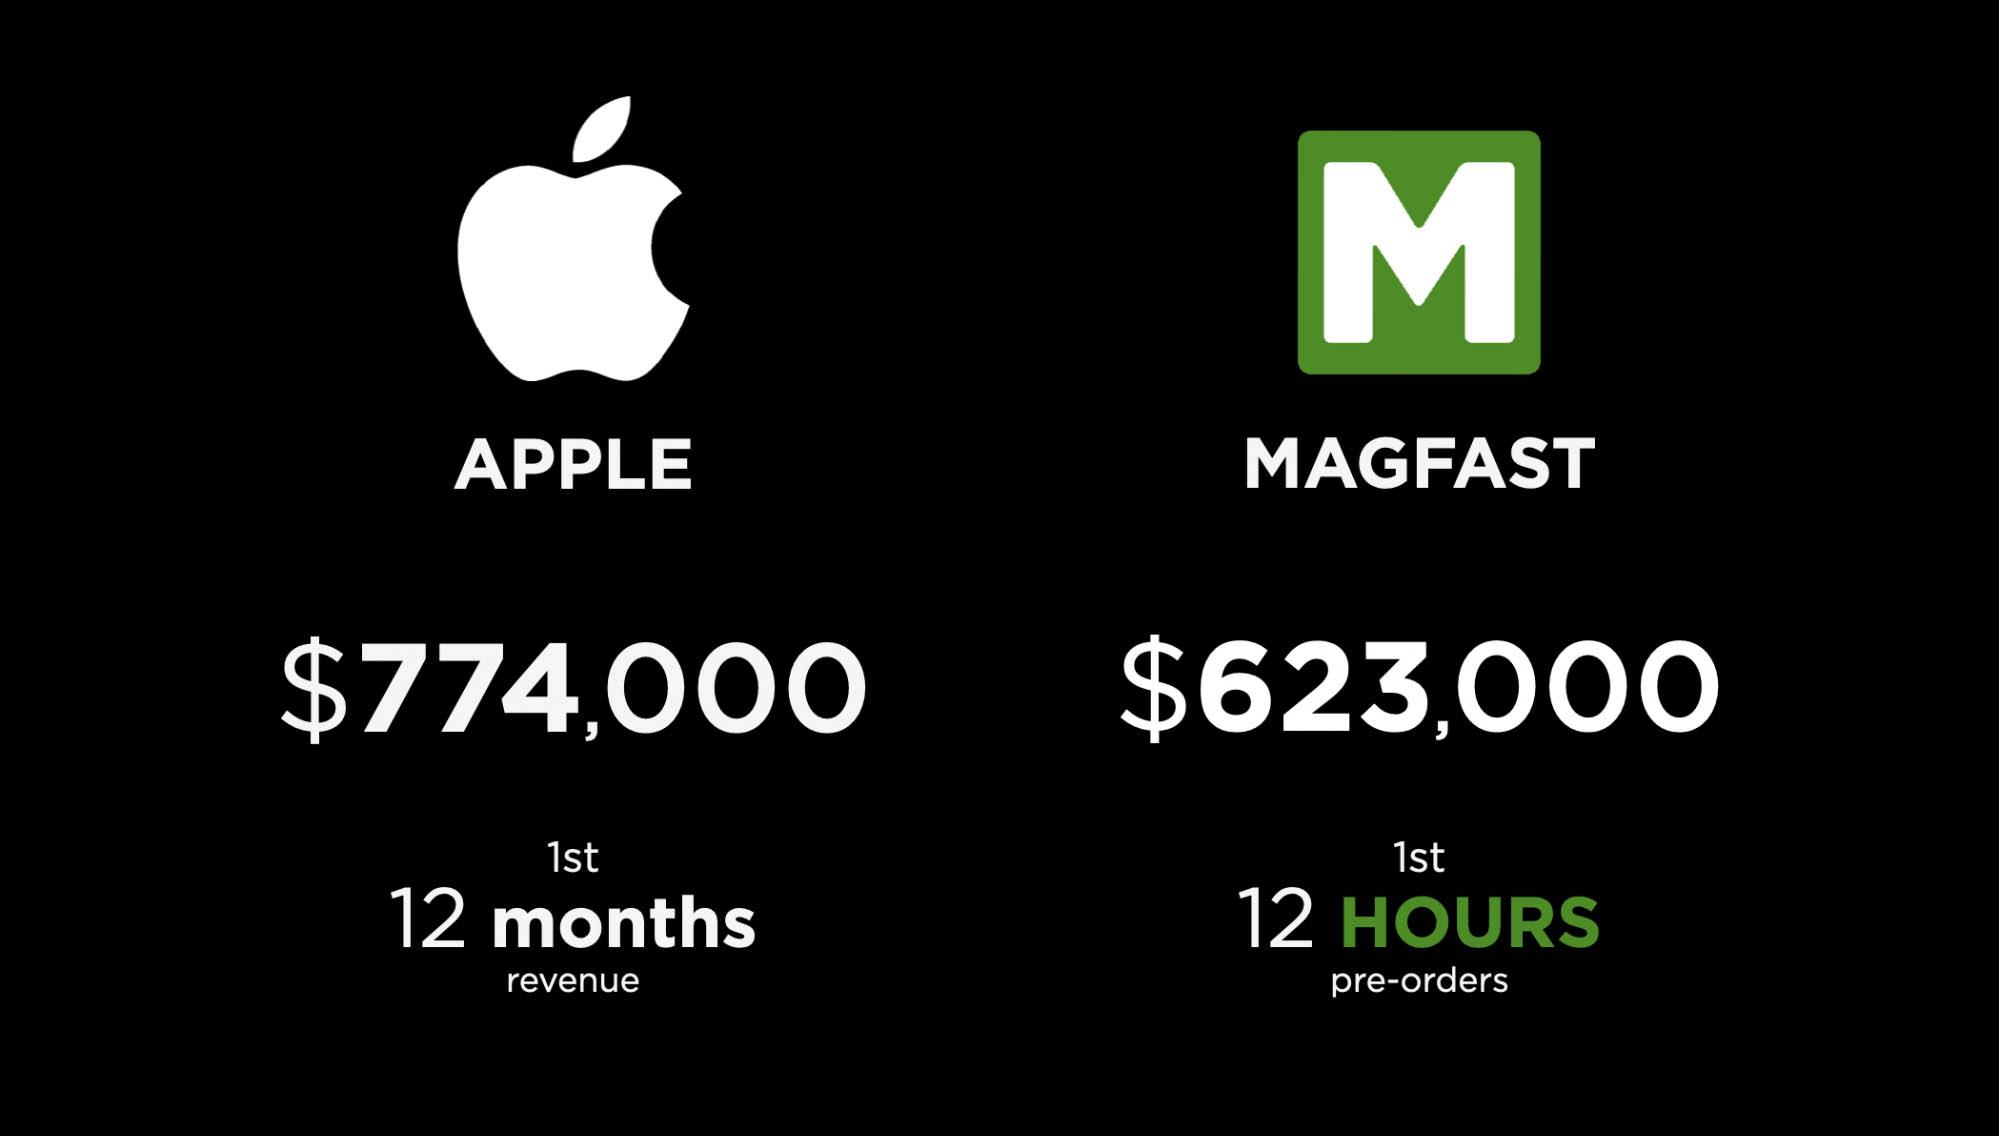 Apple - Magfast